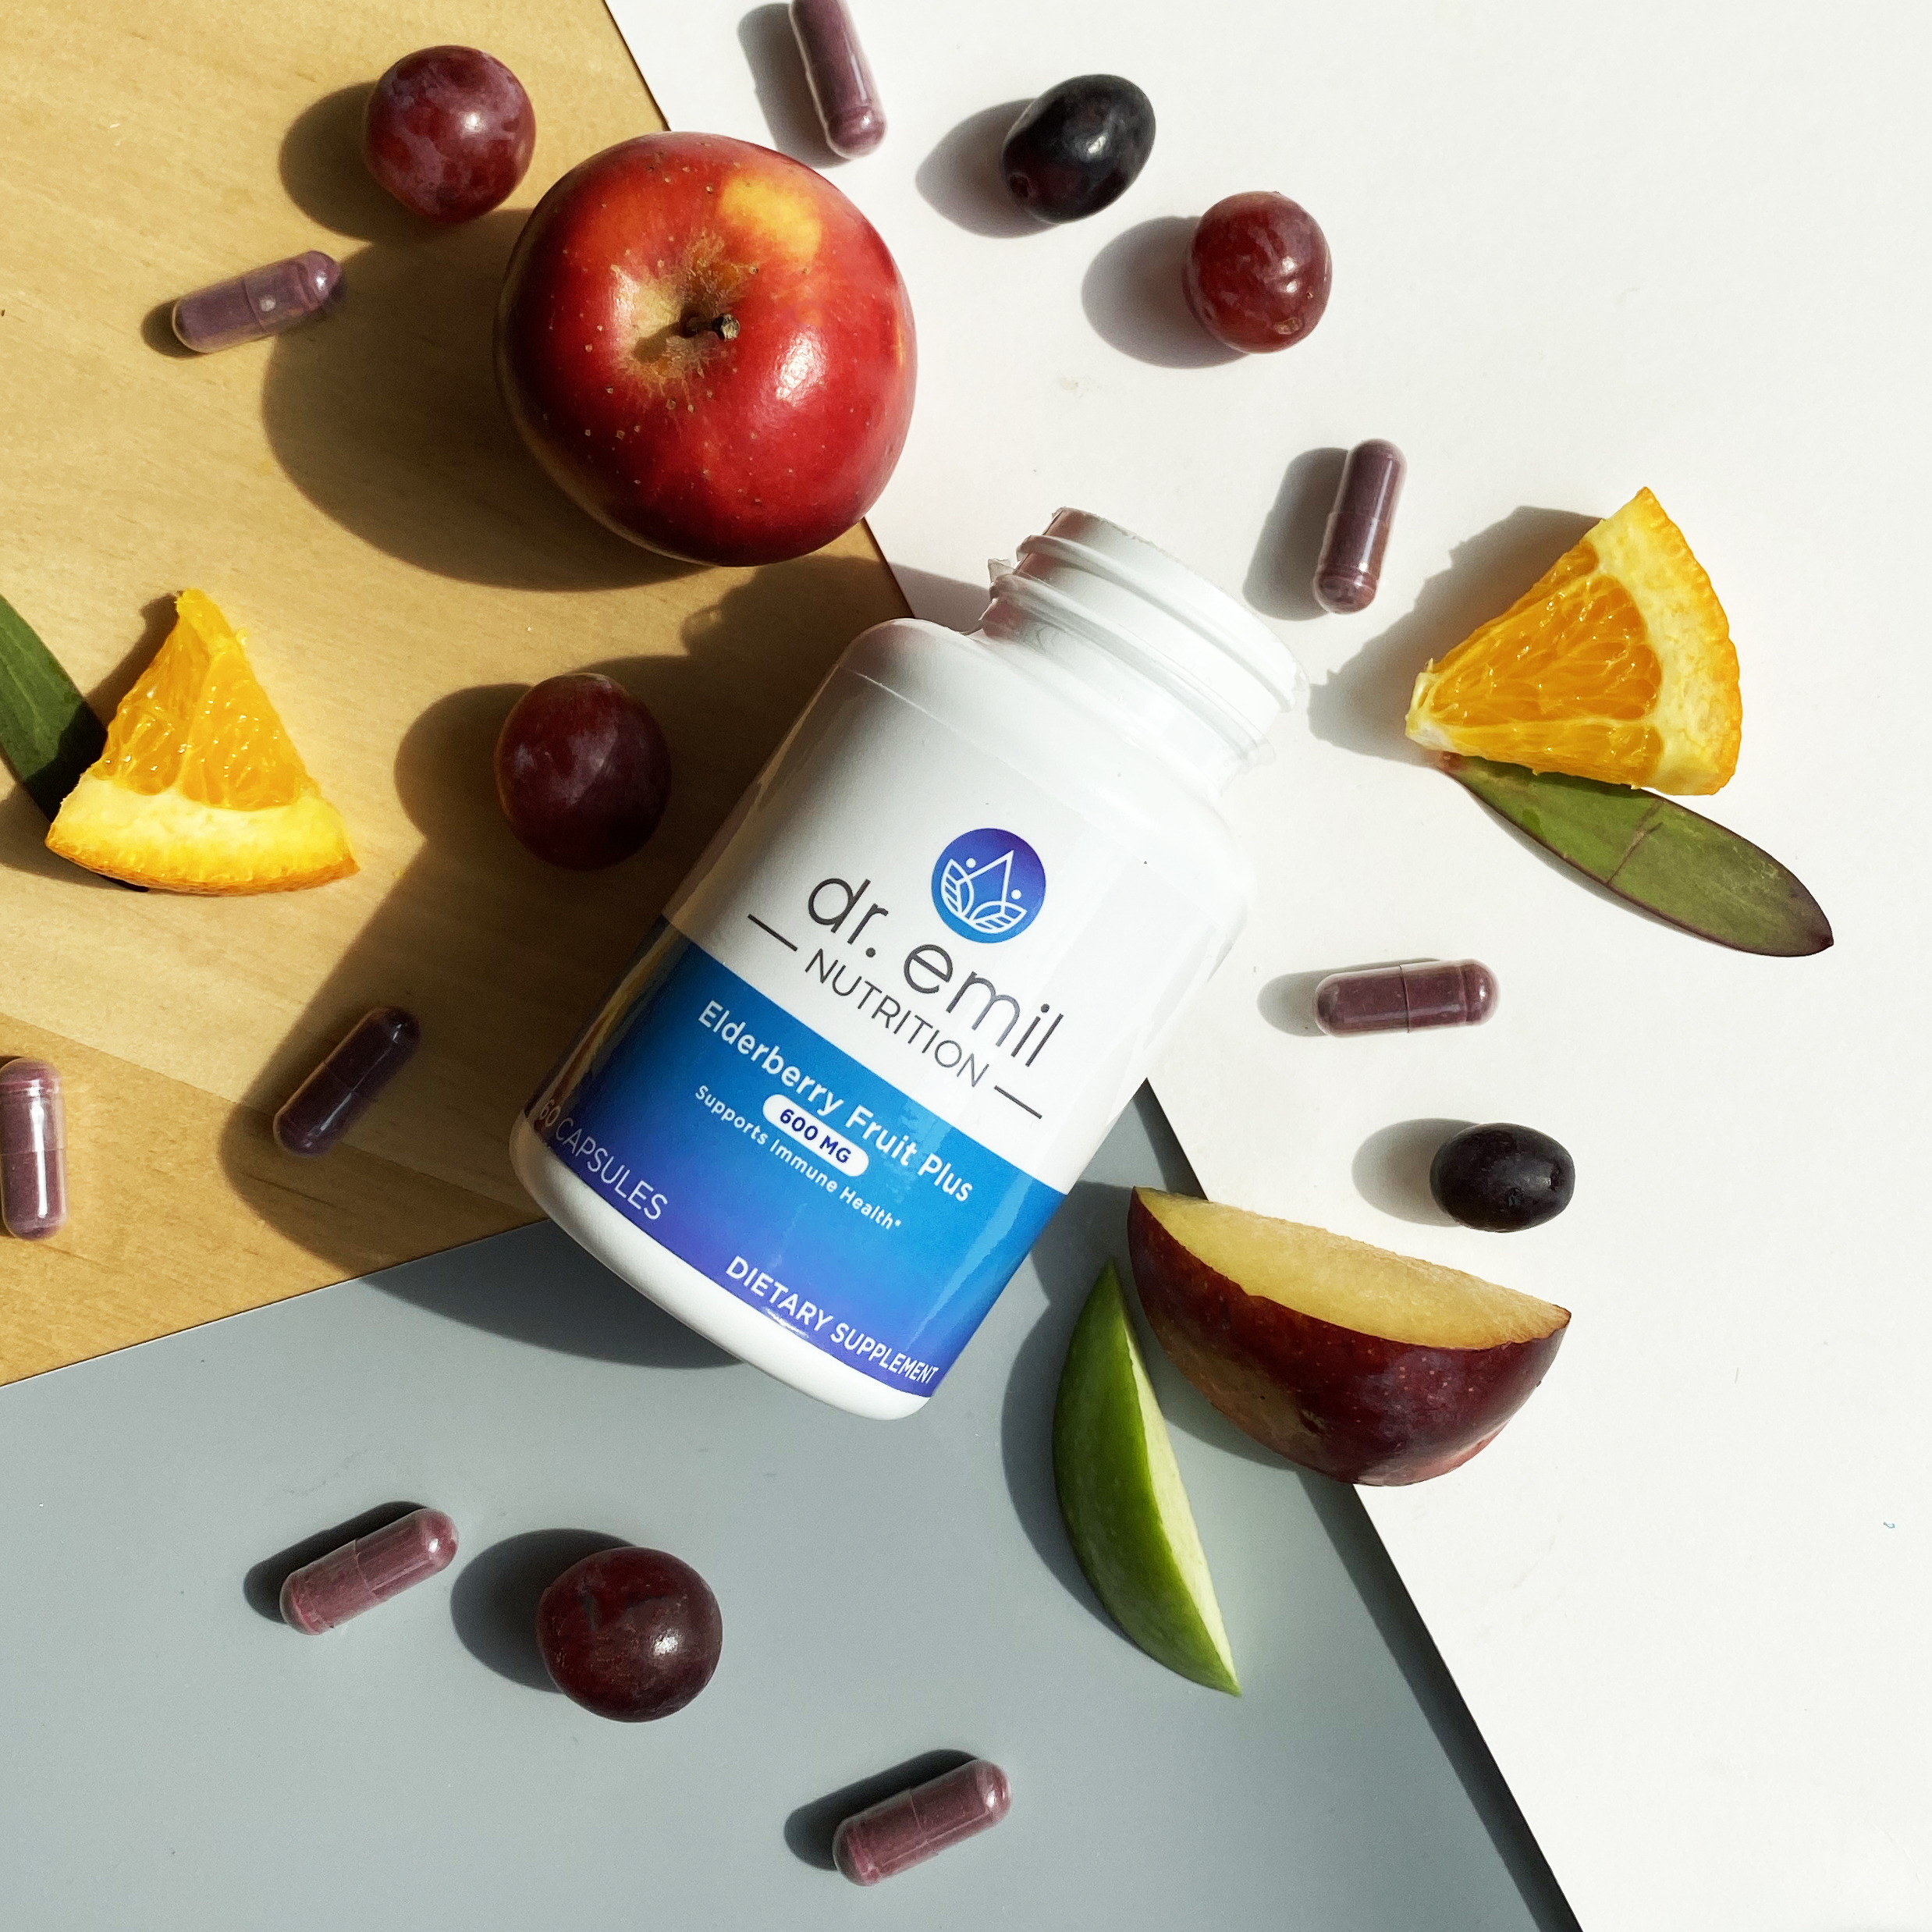 dr emil nutrition elderberry fruit plus